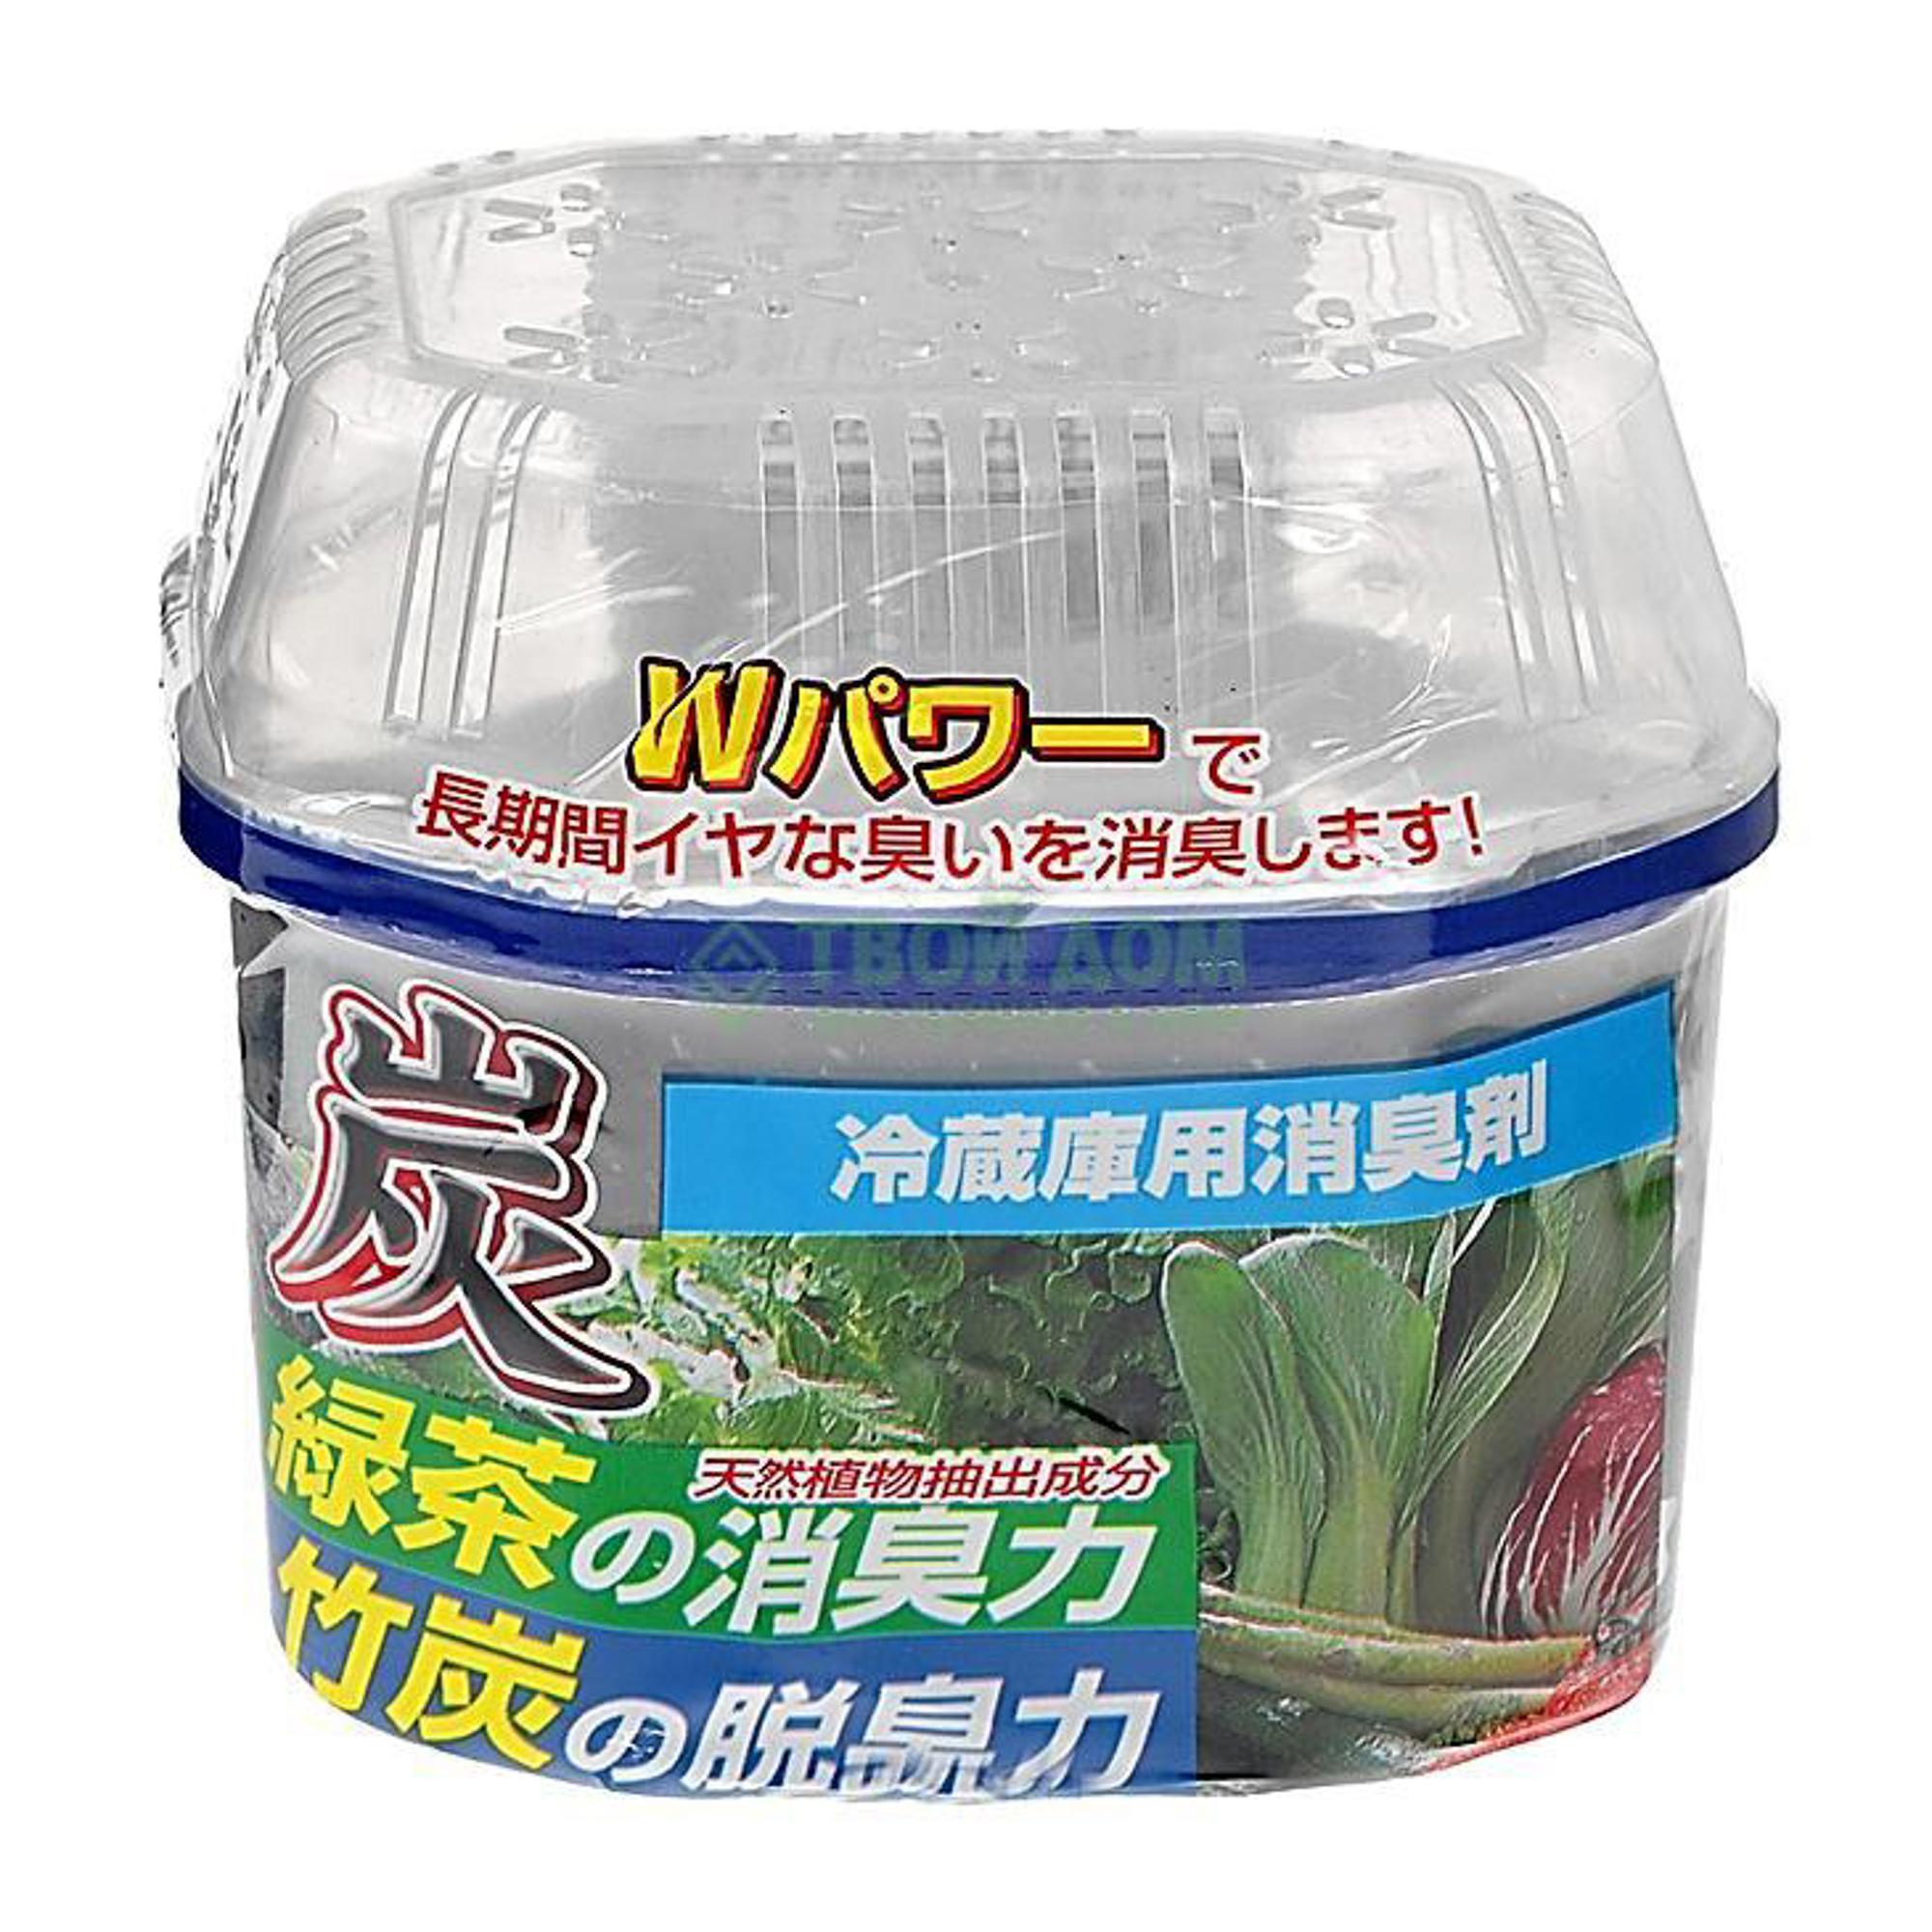 Древесный уголь Nagara для устранения запаха в холодильнике 180 г